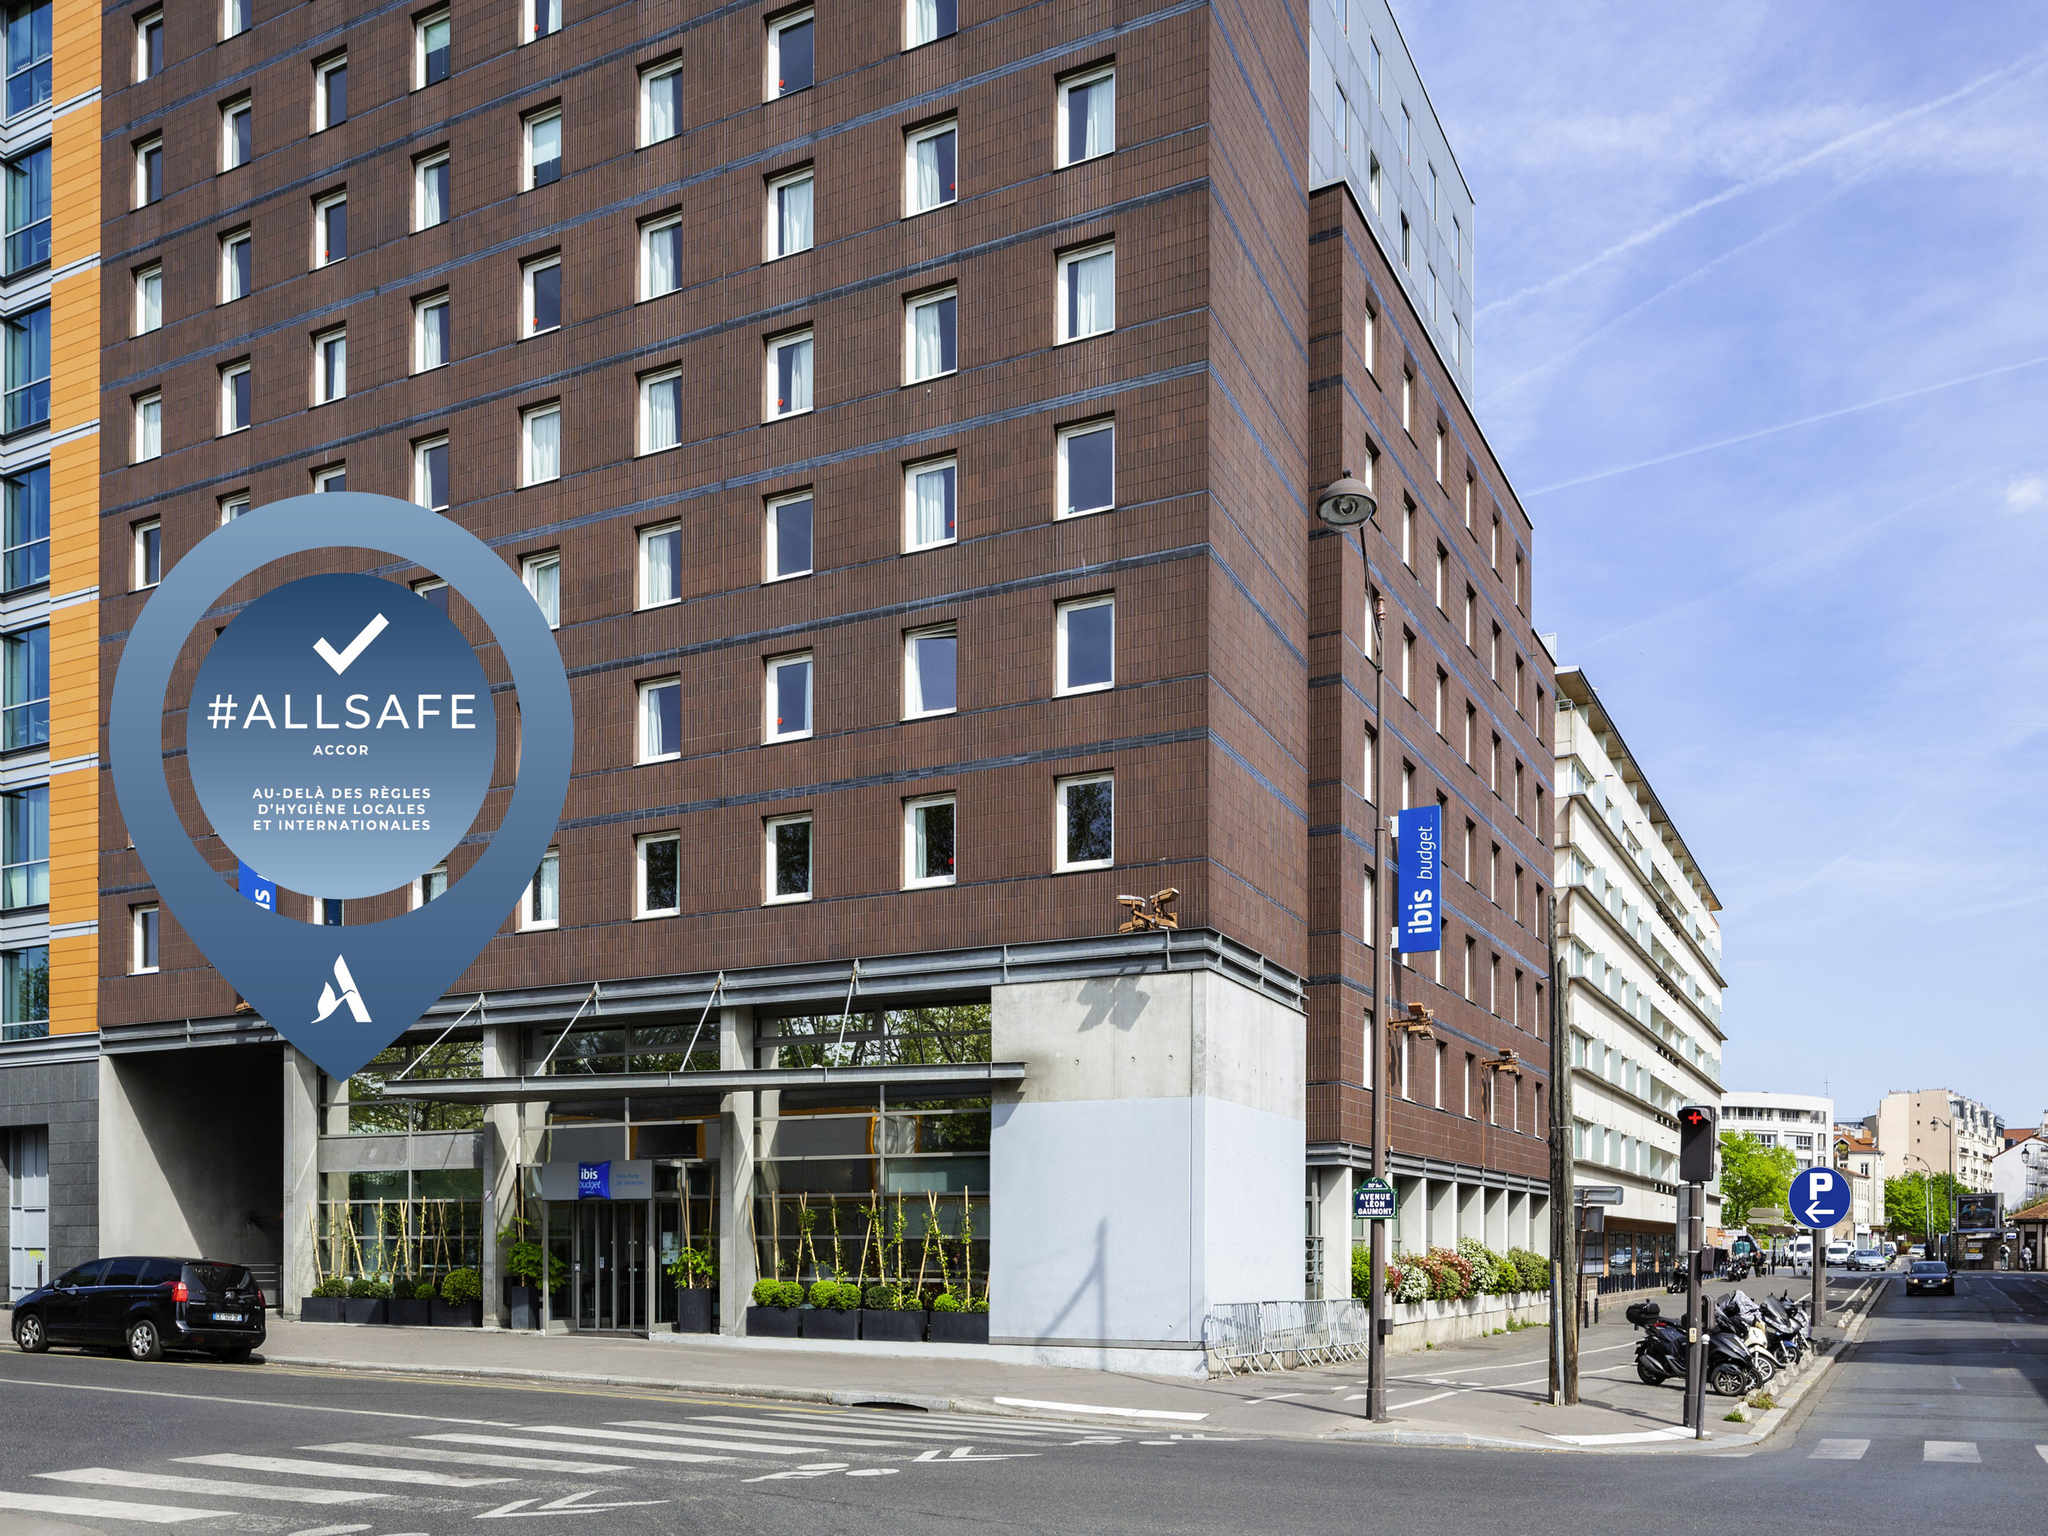 โรงแรม – ไอบิส บัดเจ็ท ปารีส ปอร์ต เดอ แวงแซน